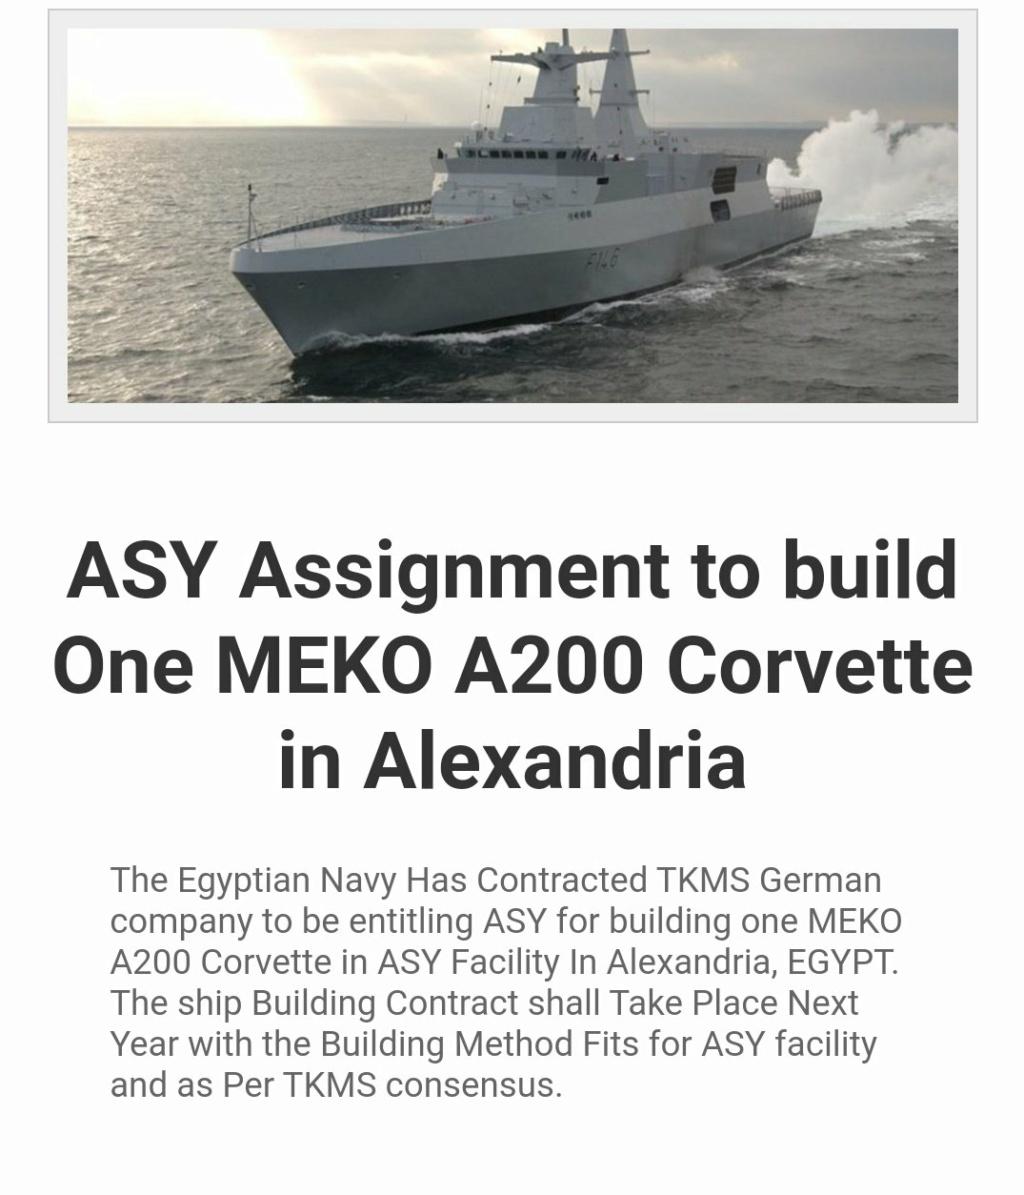 رسميا : ترسانة الاسكندرية ستبدأ بناء أول فرقاطه Meko A200 لصالح البحرية المصريه في عام 2021 Eigx0w10